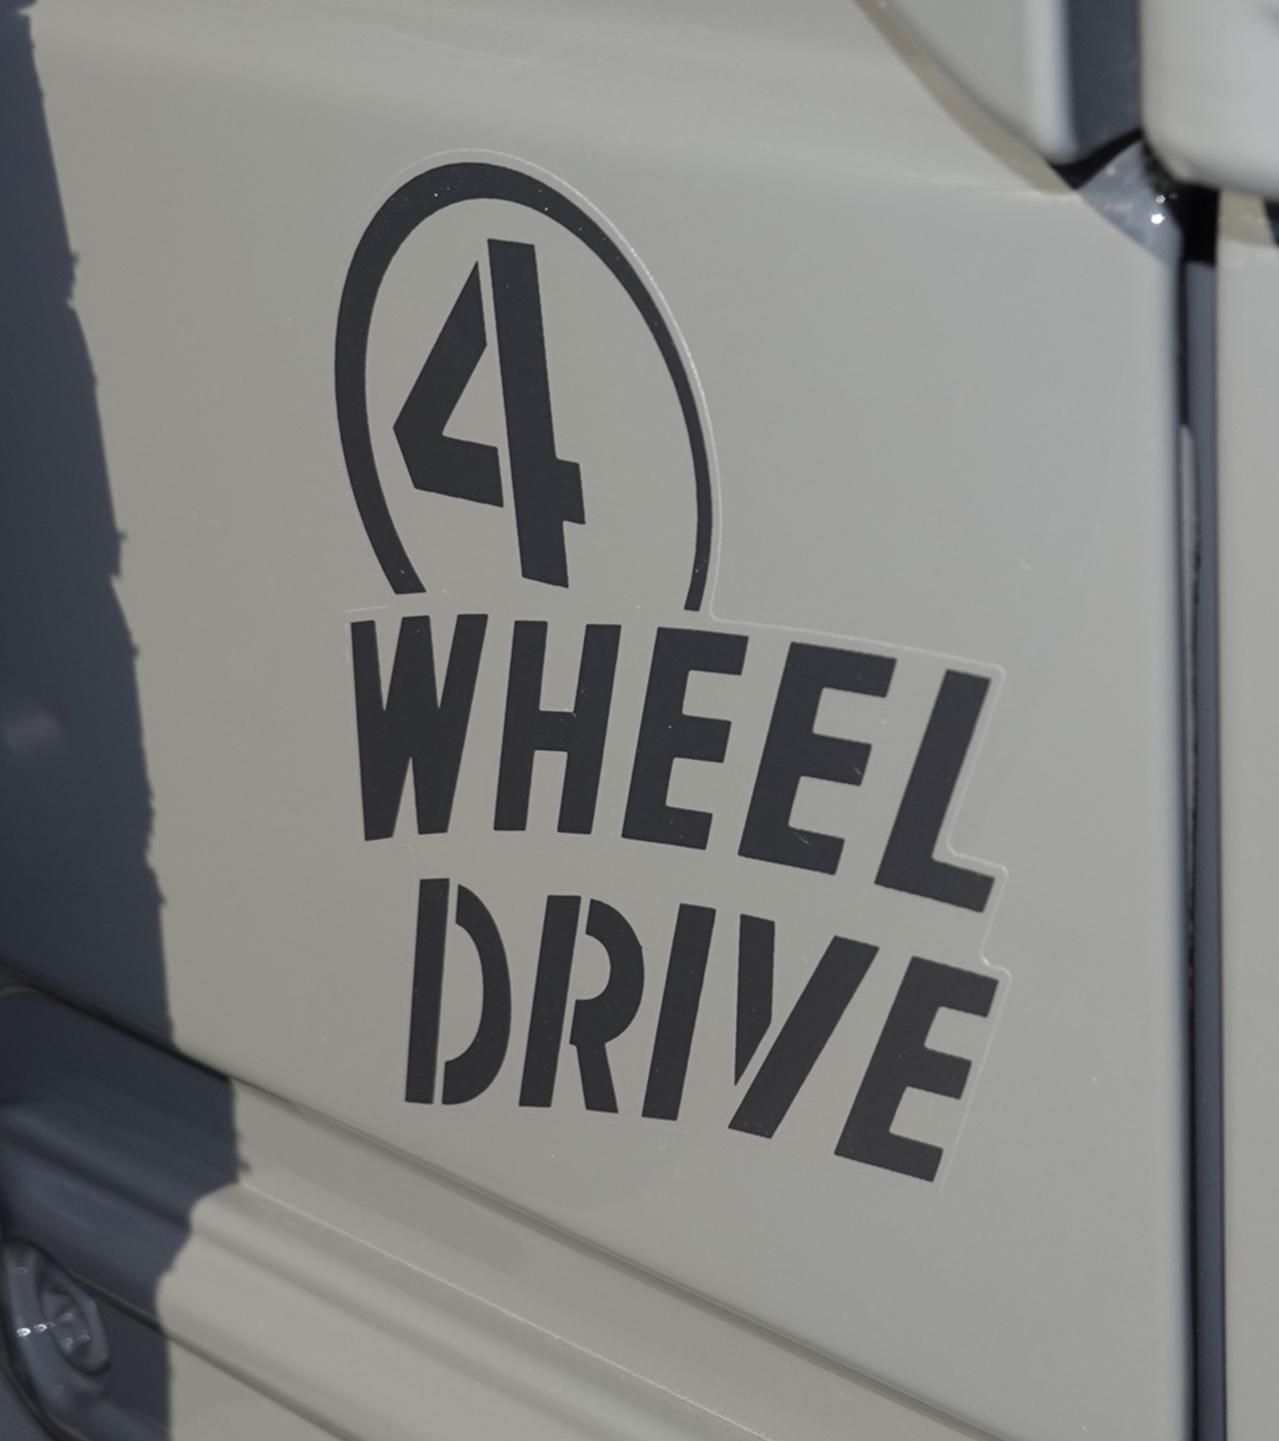 ジープ・ラングラー・アンリミテッドにオフローダーの先駆車「ウィリスオーバーランドCJ-3A」にインスピレーションを得た300台の限定車「ウィリス」が登場!